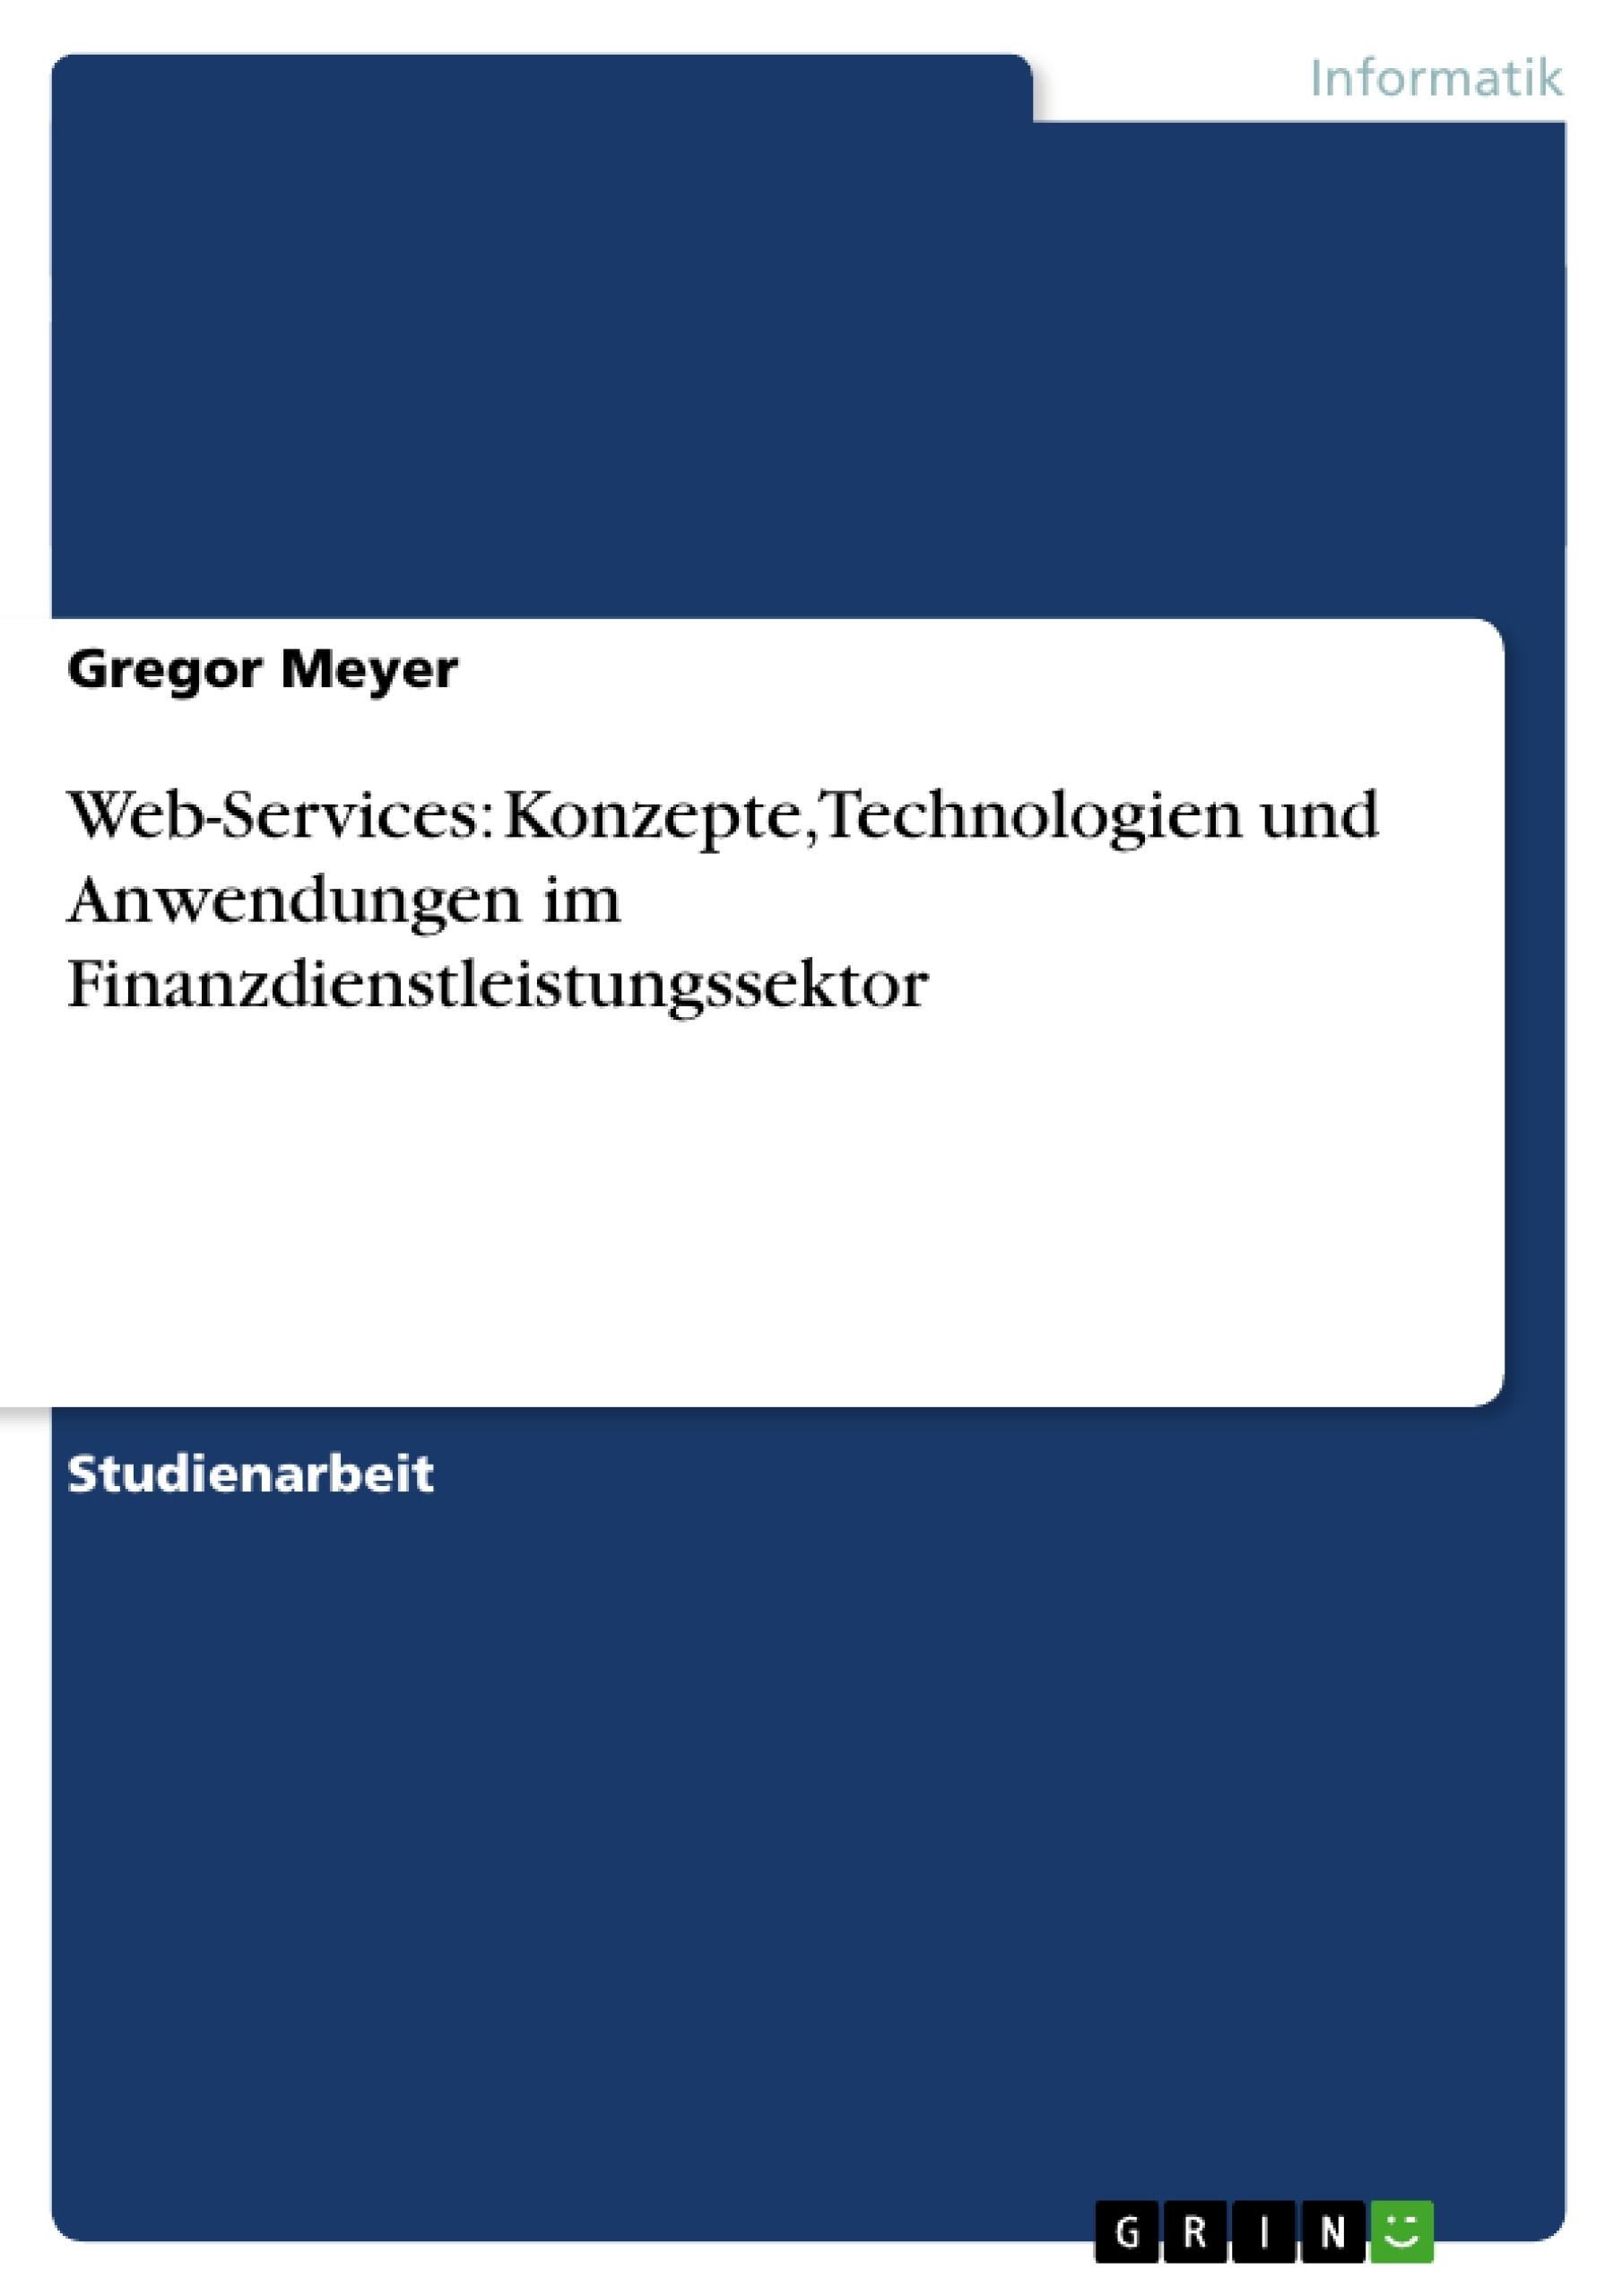 Titel: Web-Services: Konzepte, Technologien und Anwendungen im Finanzdienstleistungssektor